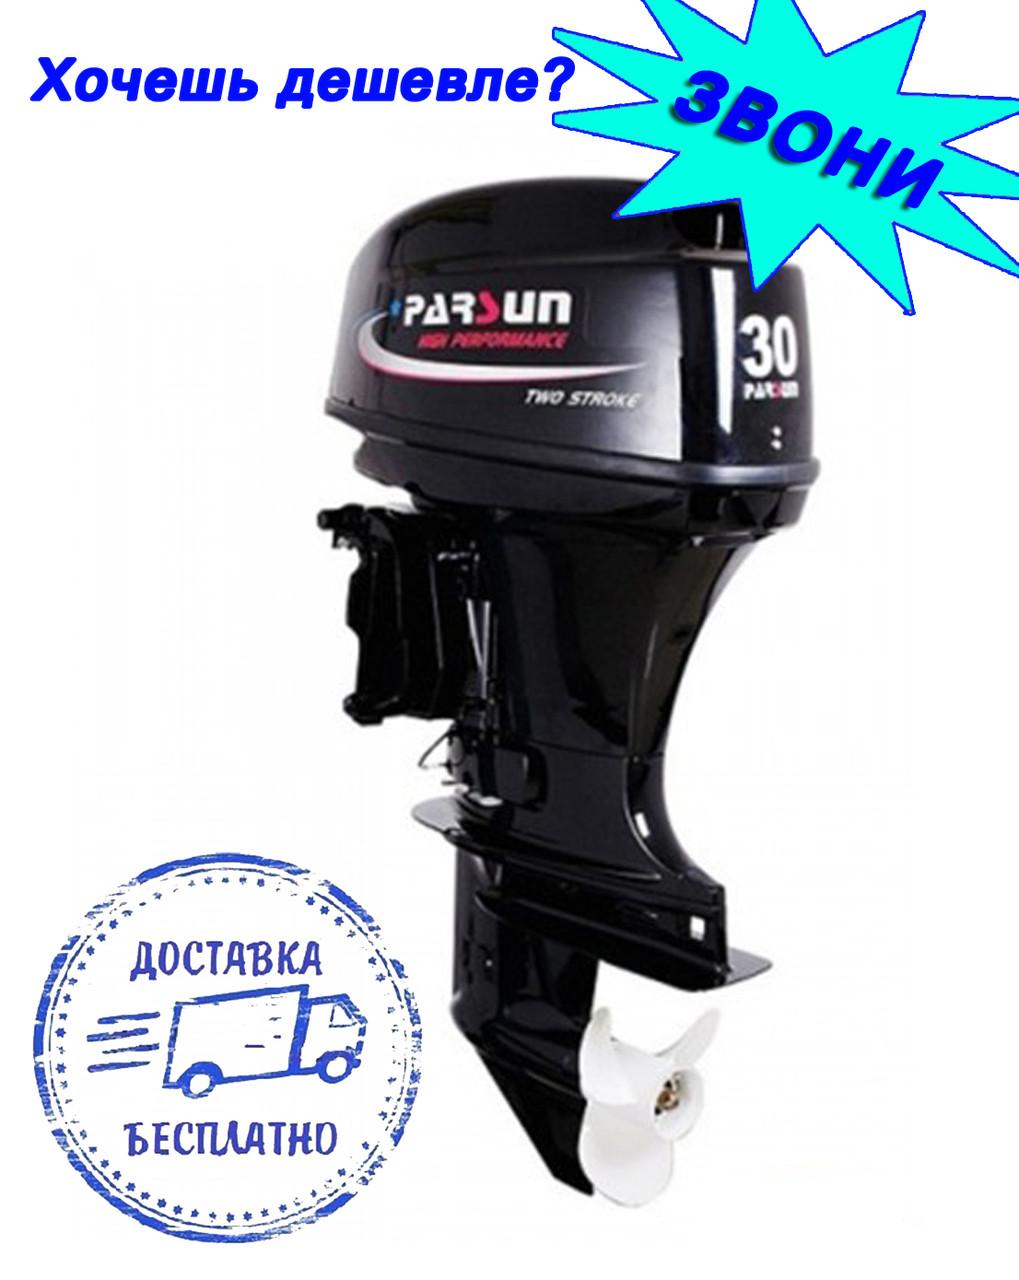 Двухтактный лодочный мотор Парсун T30FWS с дистанционным управлением - Лови волну - товары для рыбалки в Харькове